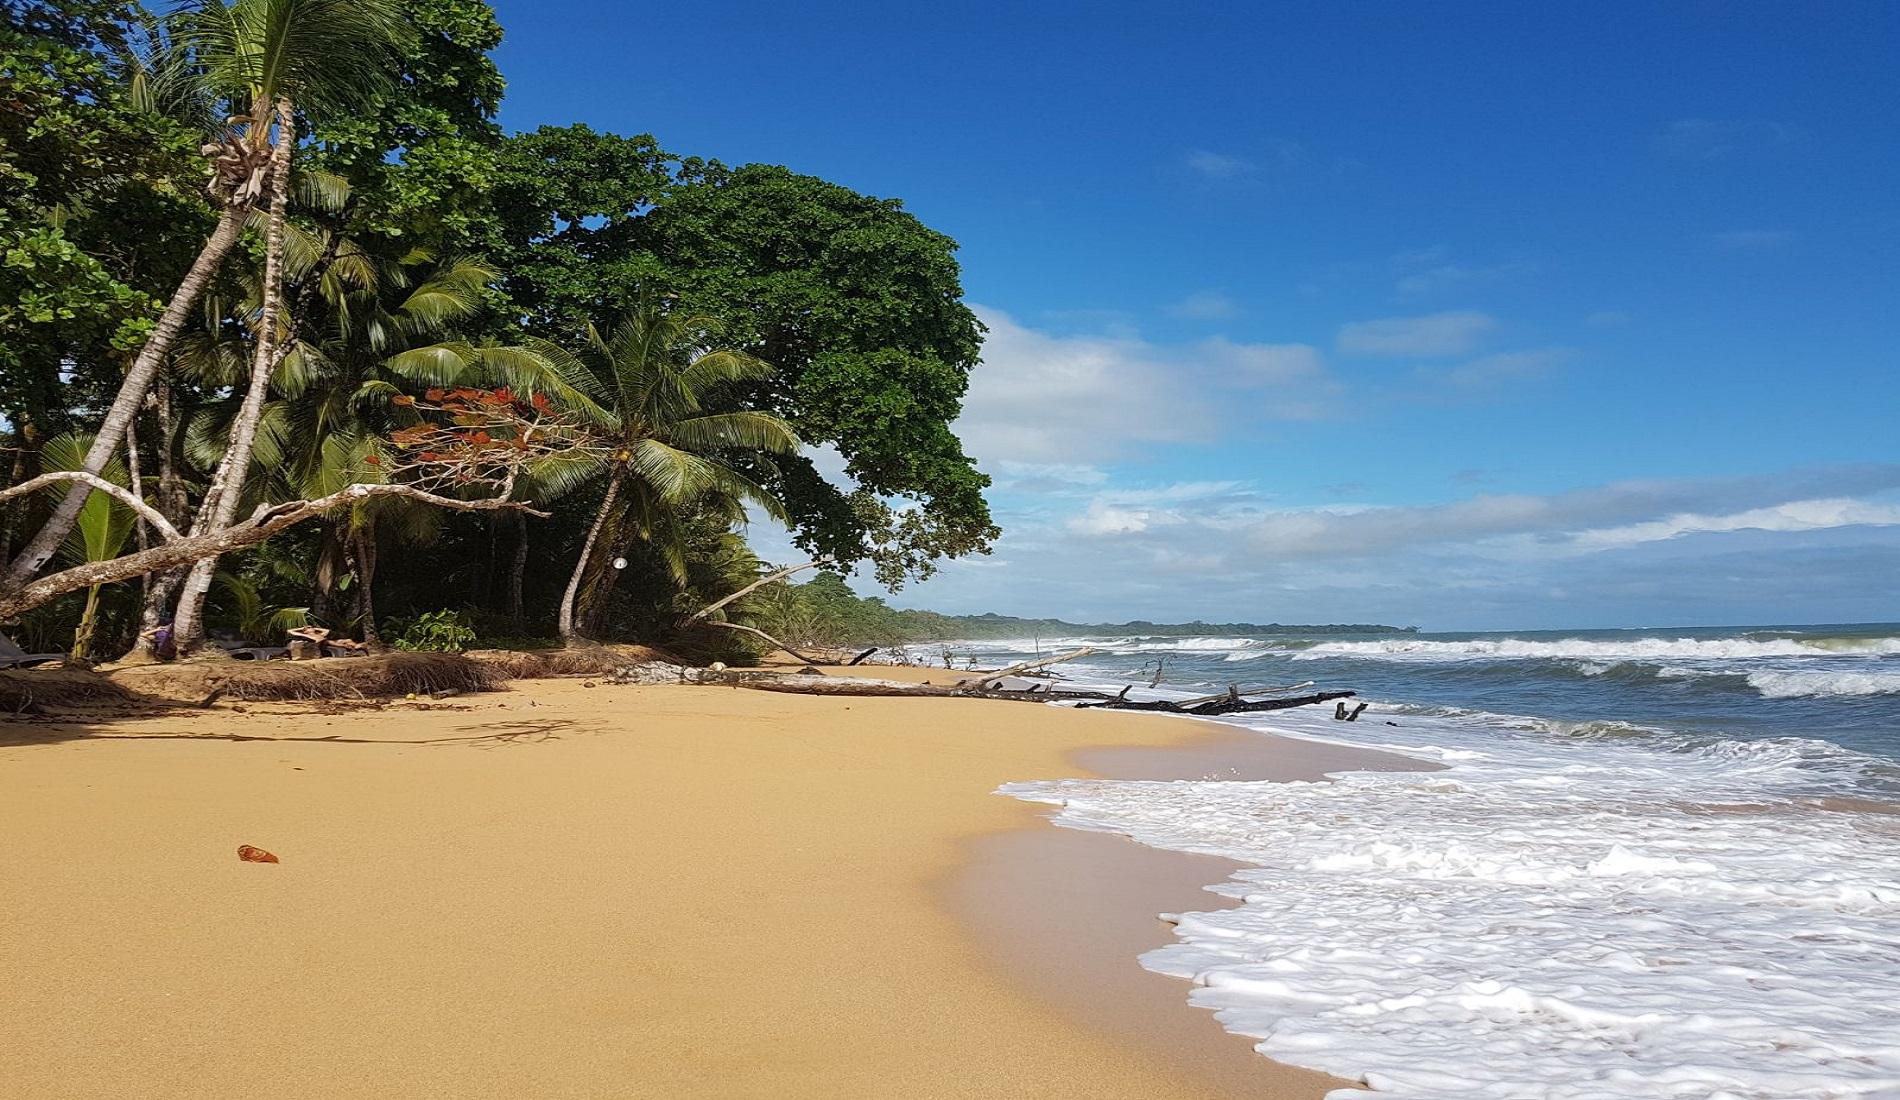 playa bluff panama